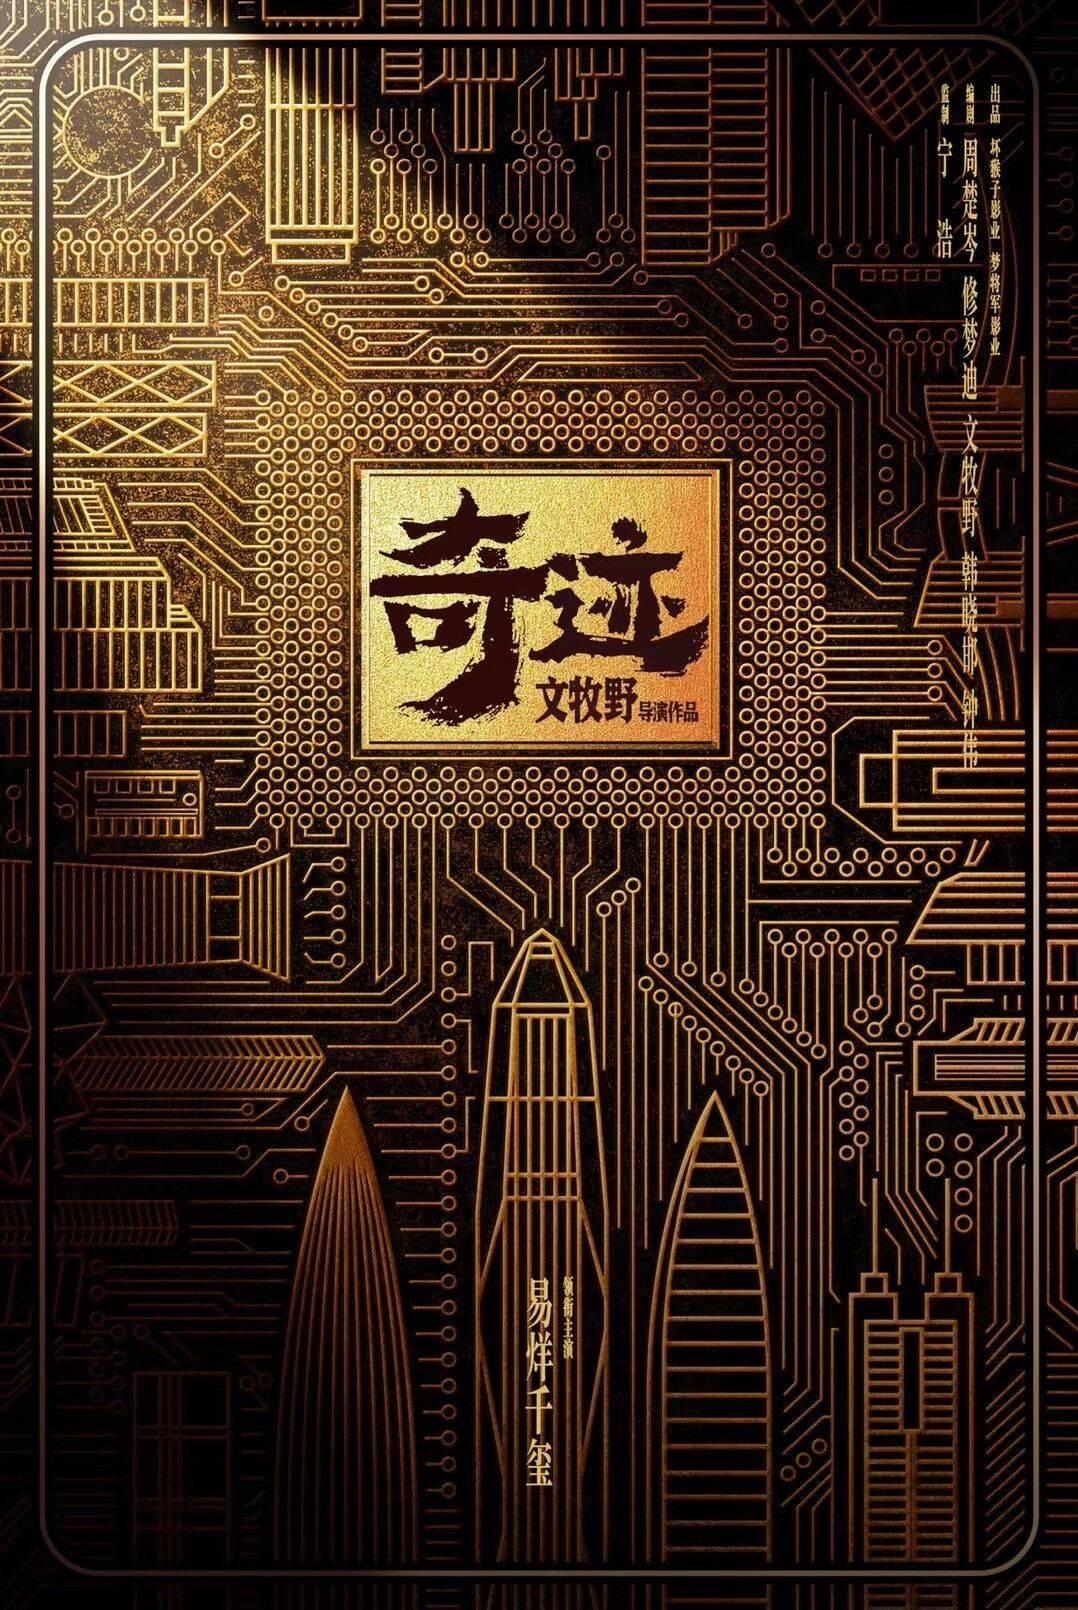 文牧野导演、宁浩监制电影《奇迹》首发概念海报